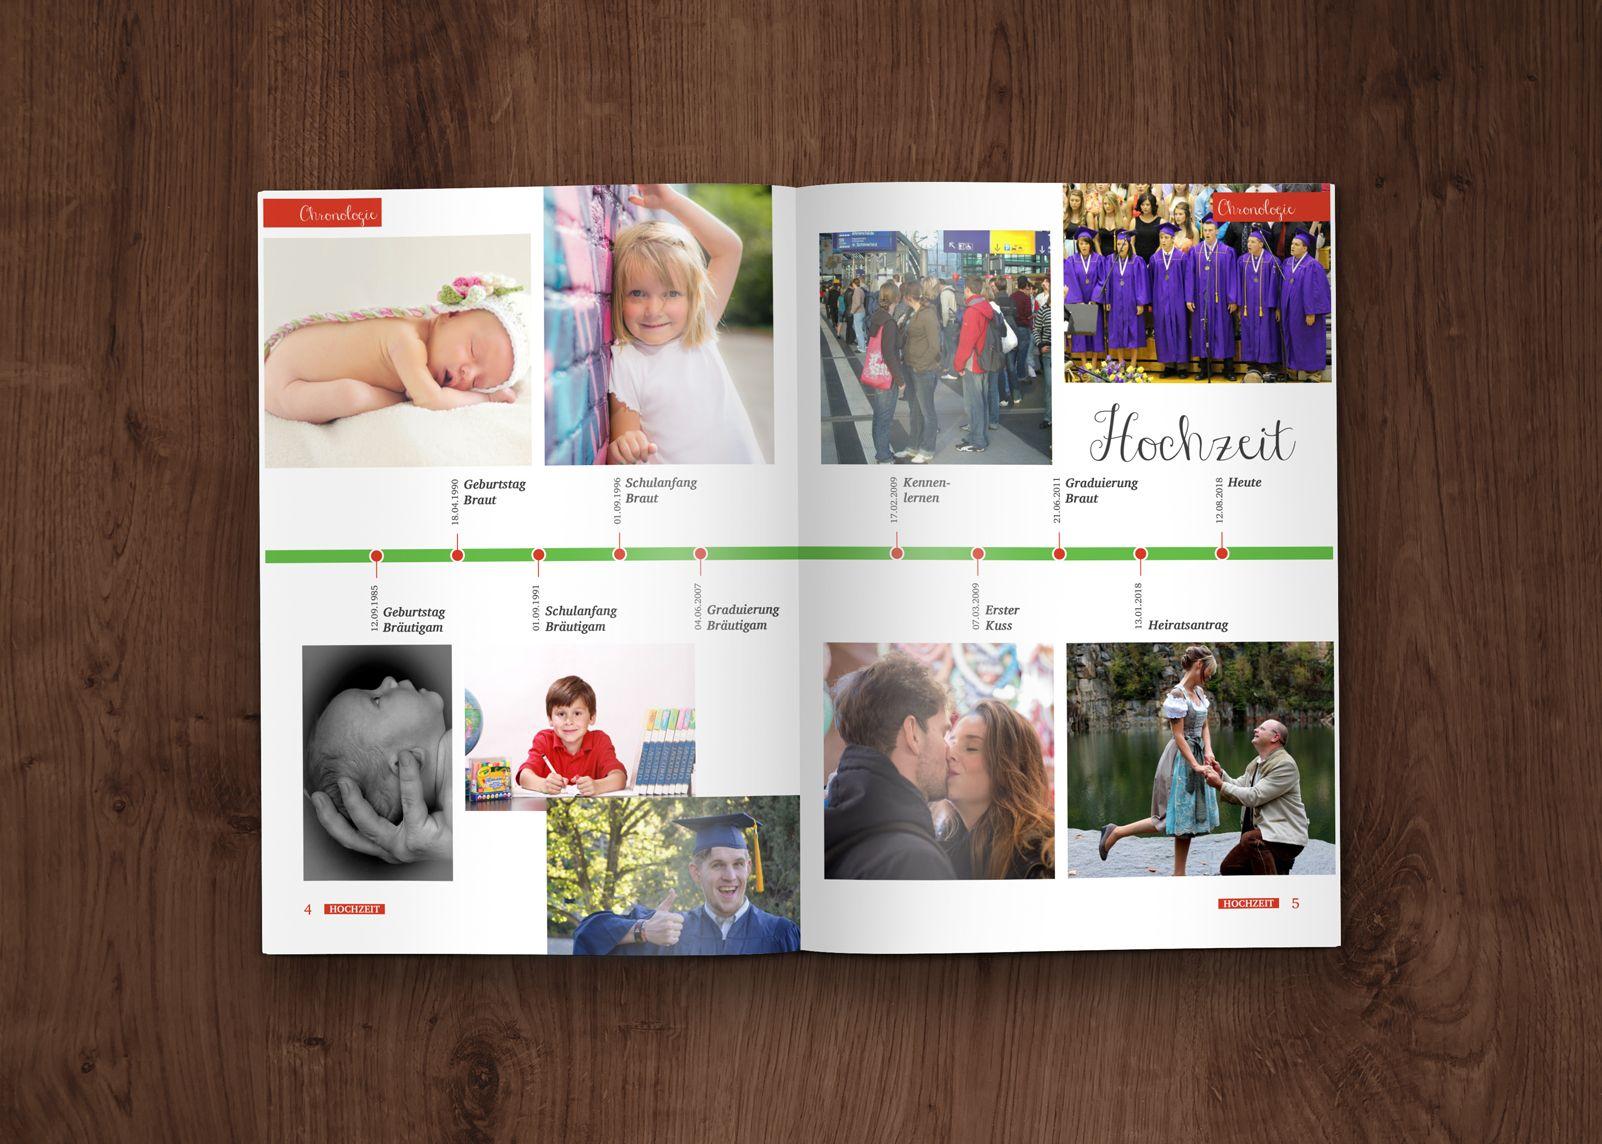 Hochzeitszeitung Vorlagen Fur Powerpoint Indesign Hochzeitszeitung Hochzeitszeitung Ideen Hochzeitsveranstaltung